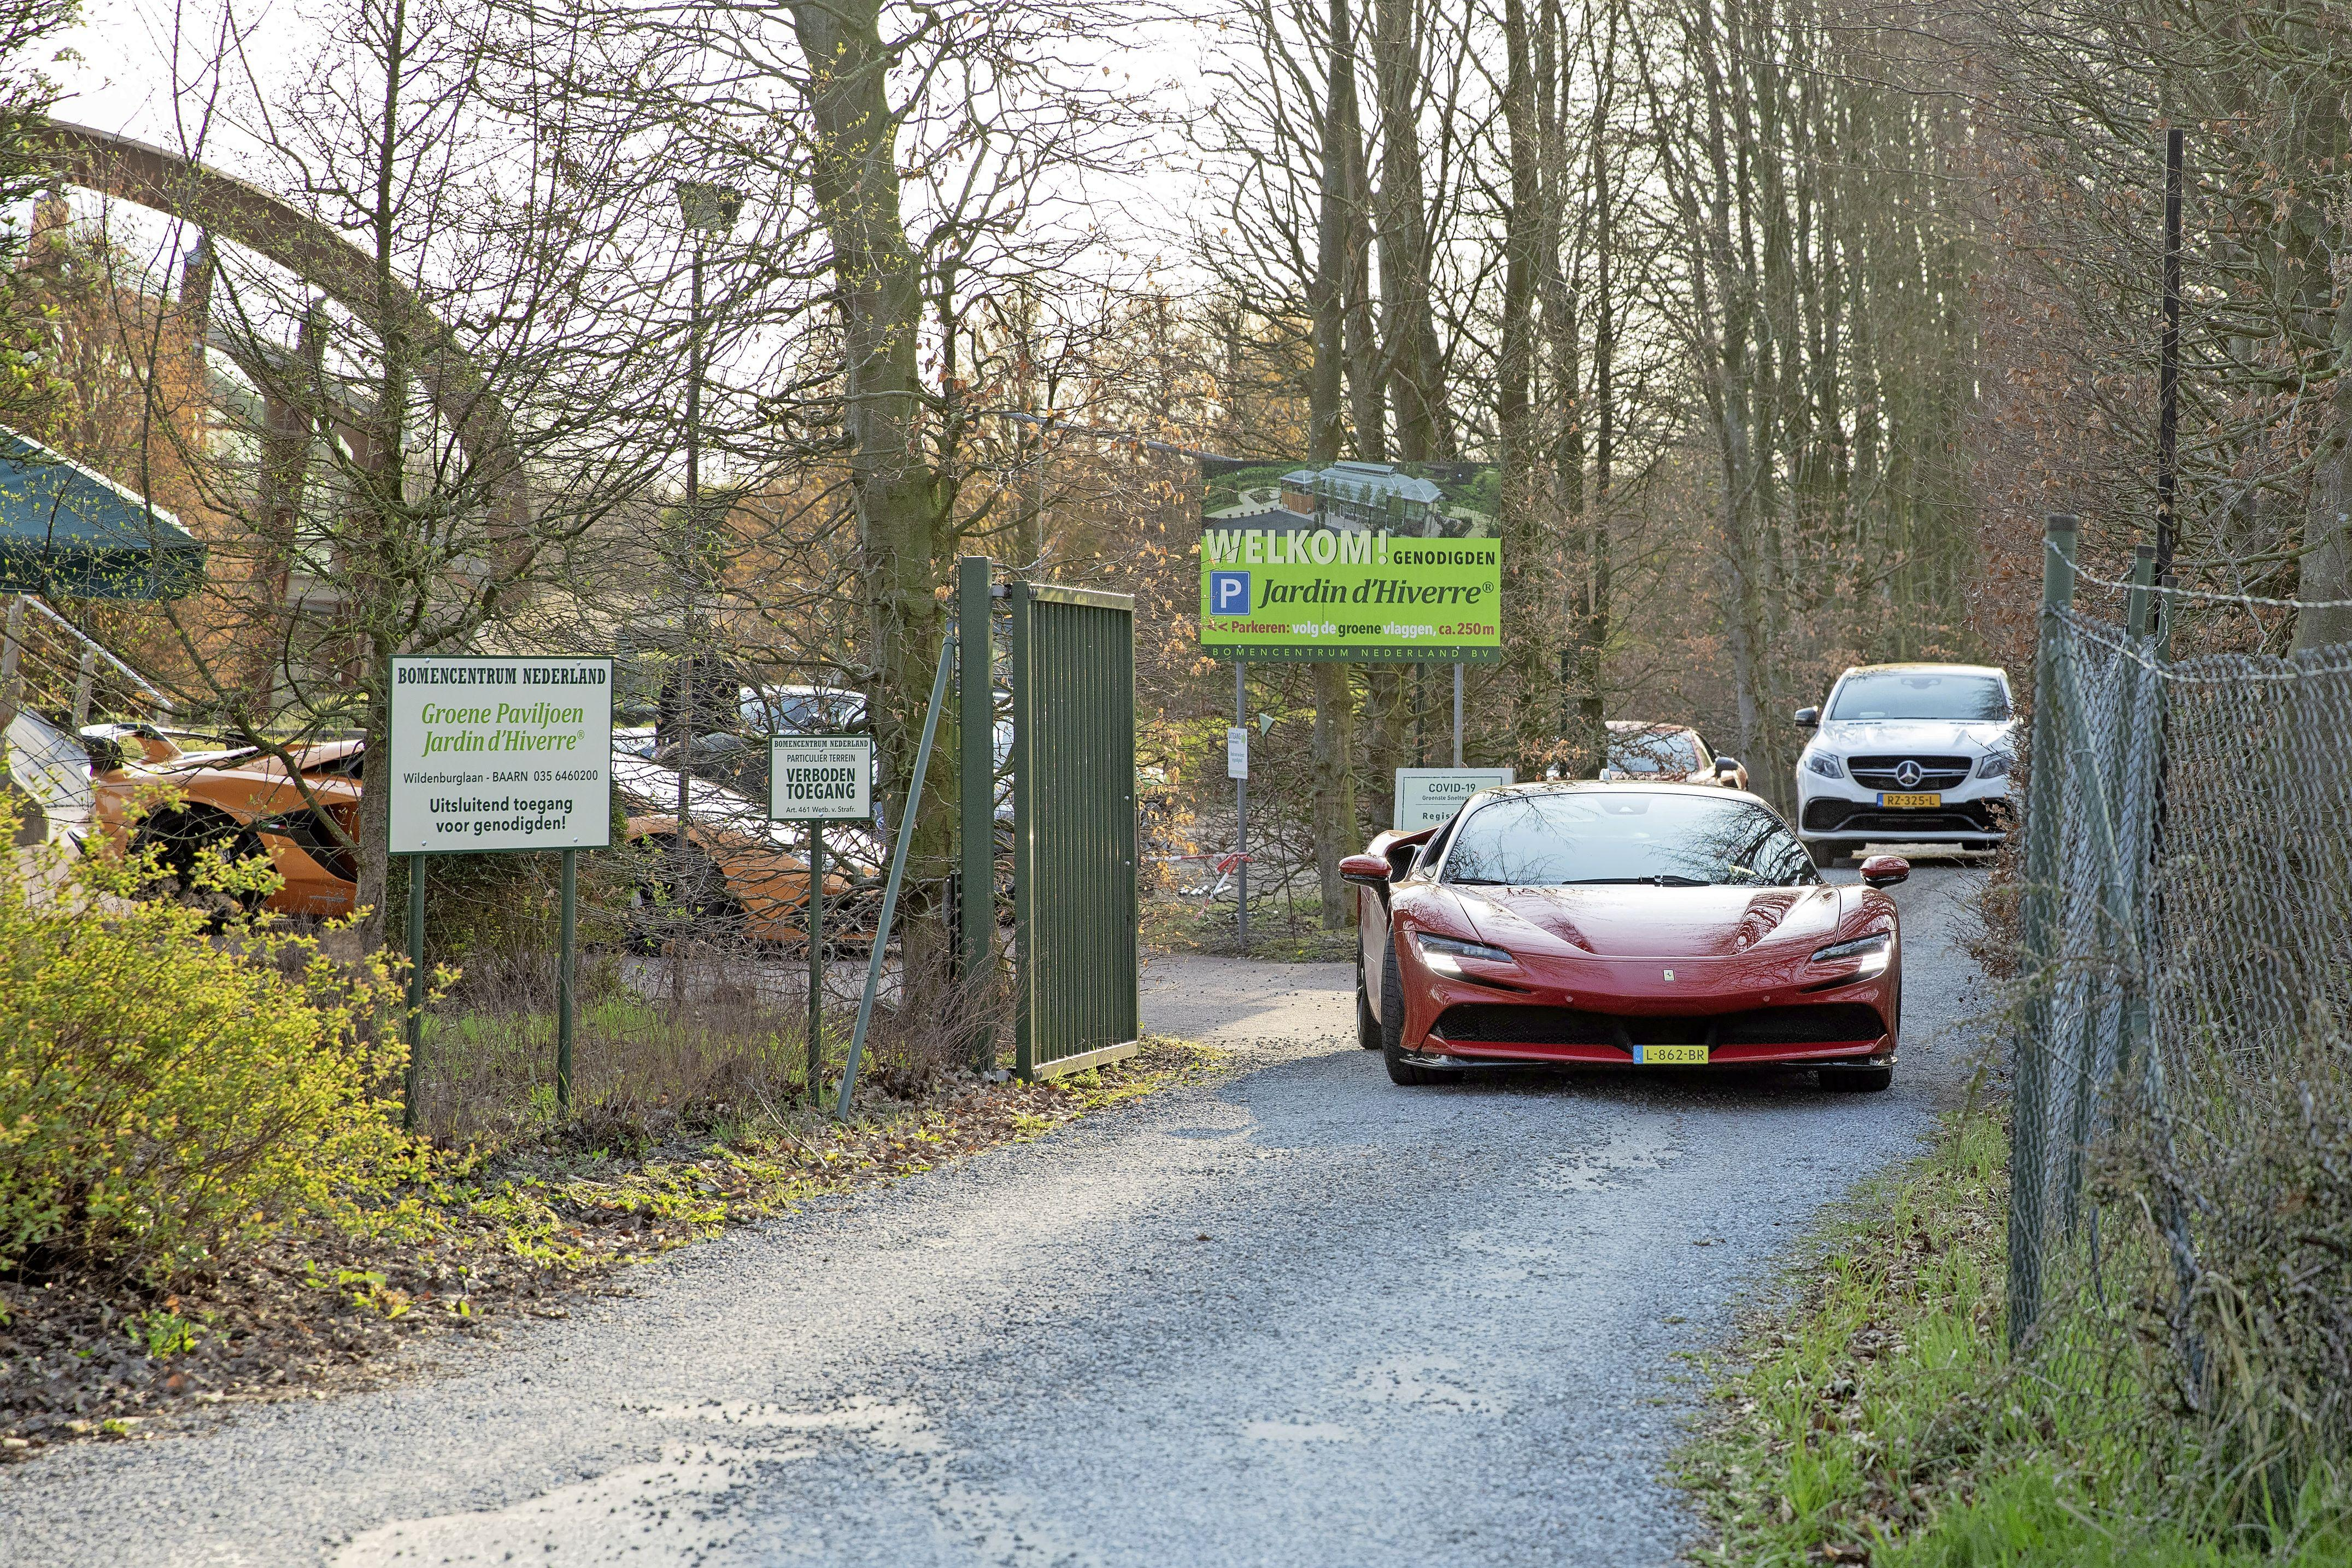 Boete voor evenement met dure, snelle auto's bij Bomencentrum Baarn; Coronamaatregelen niet nageleefd